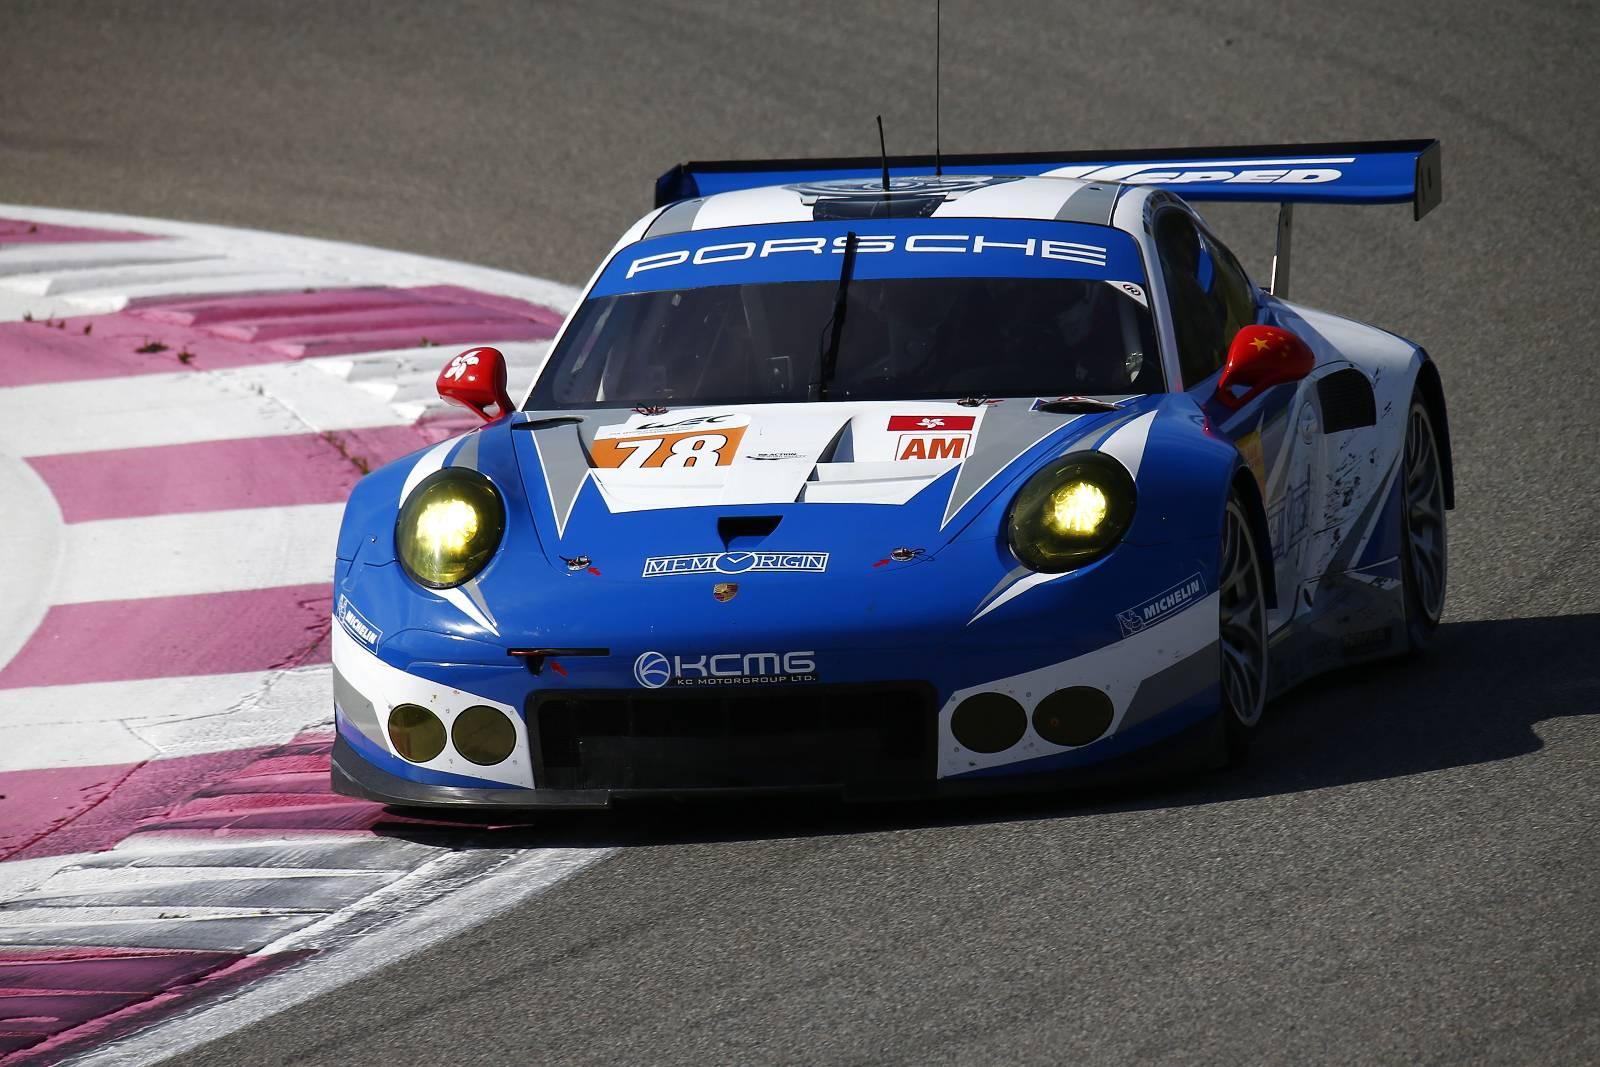 Porsche-í11-RSR-Le-Mans-05